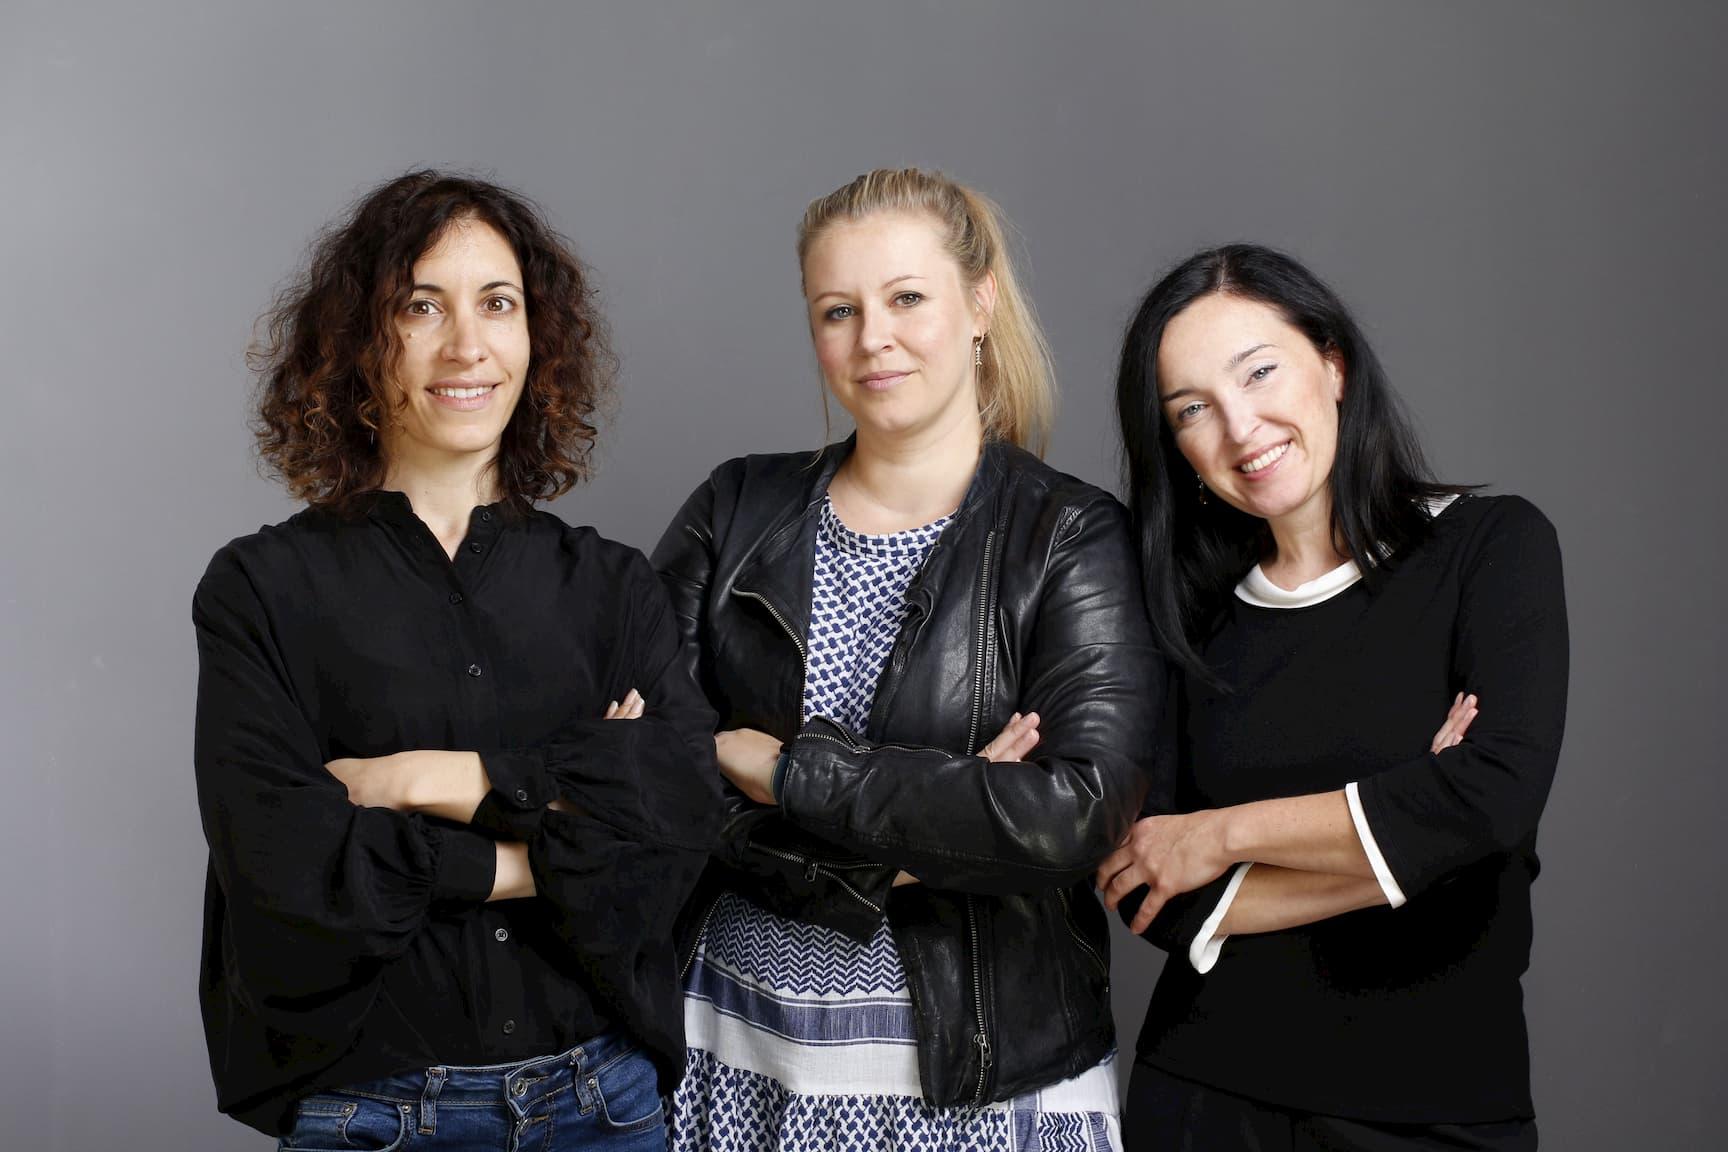 Weibliche Führungskräfte von ucm.agency - Inbal, Nadine & Anna